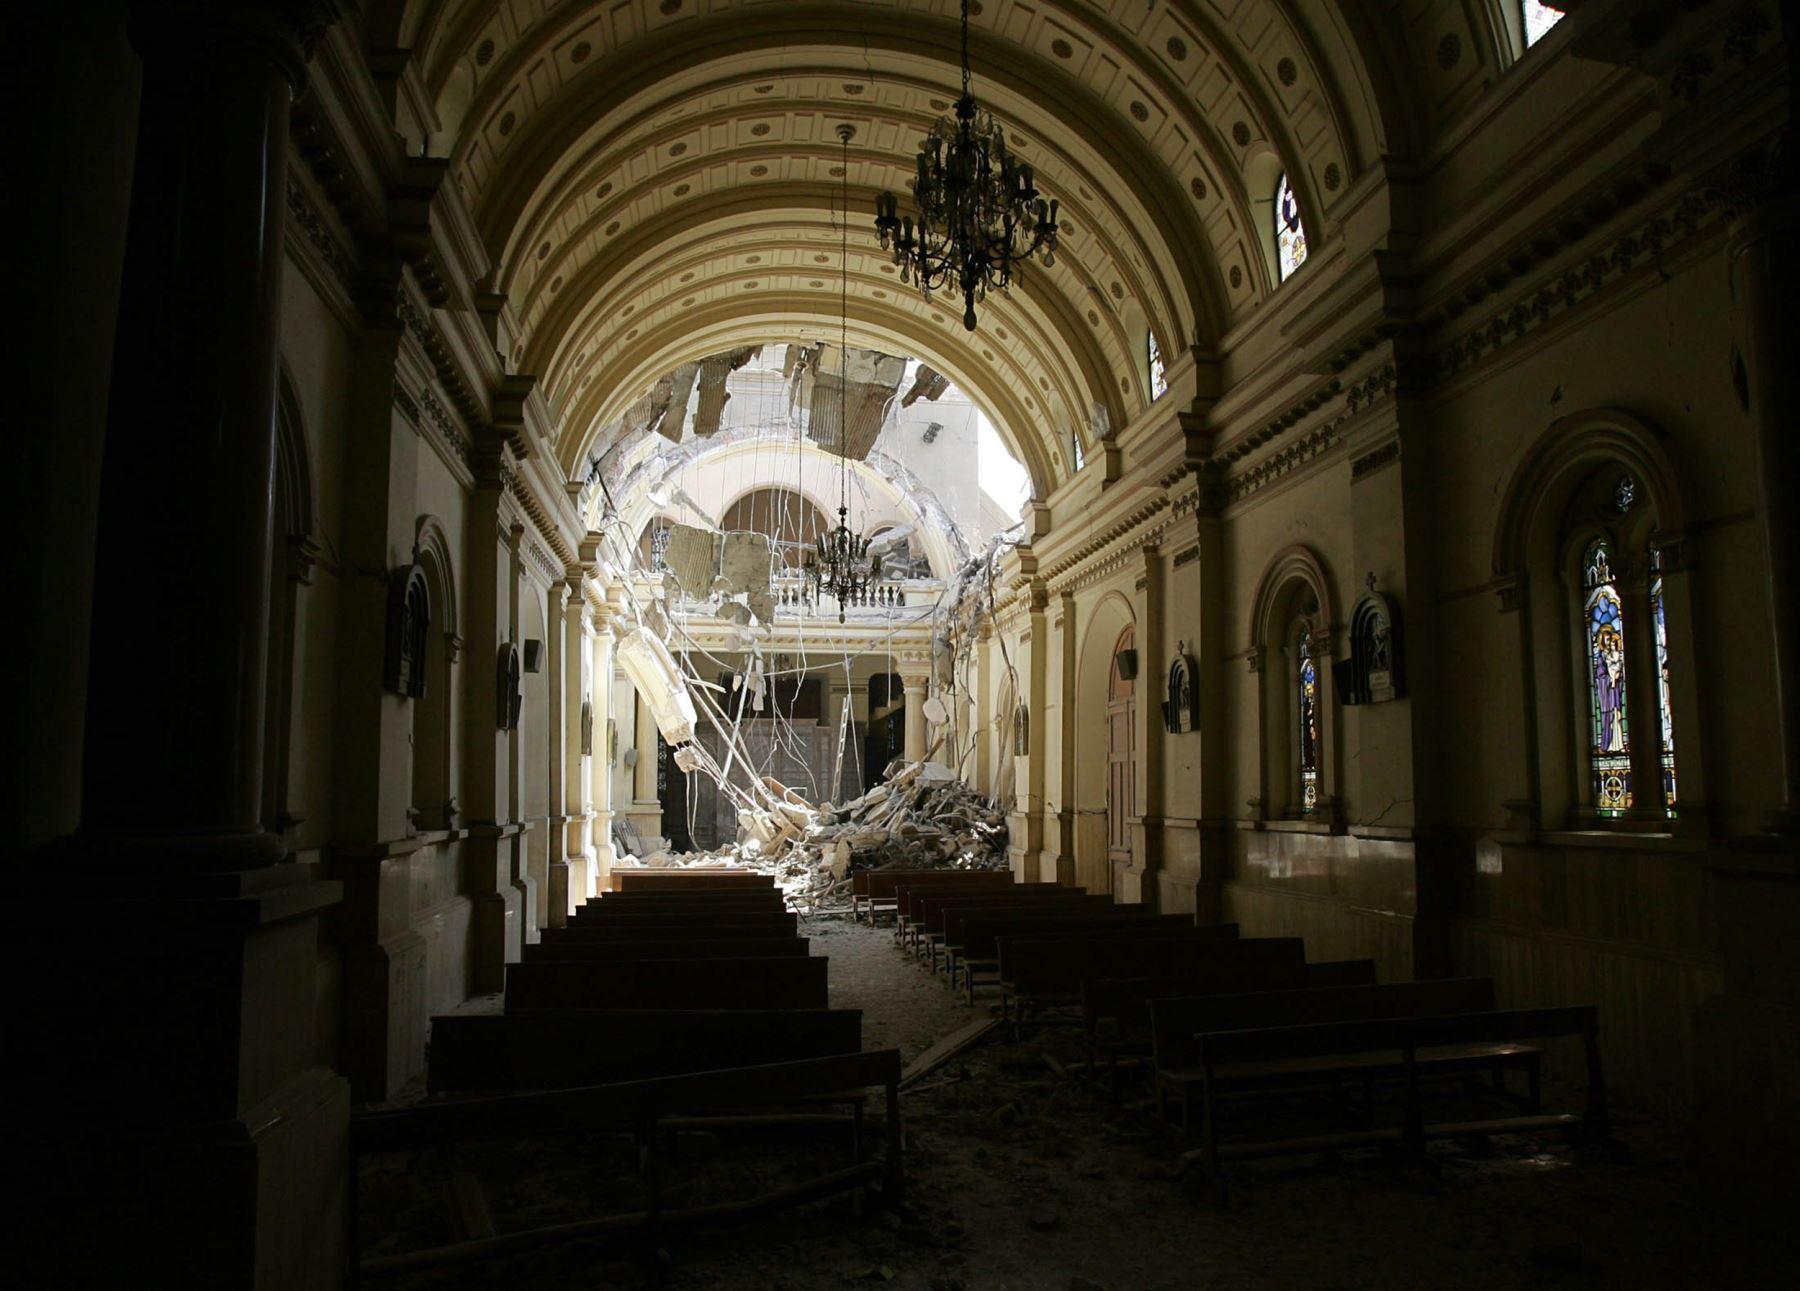 29 de agosto de 2007 del interior de la iglesia de Luren, en la ciudad de Ica, el cual data del siglo XVI, y ha sufrido graves daños por el terremoto de 7,9 grados en la escala de Richter. Foto: EFE